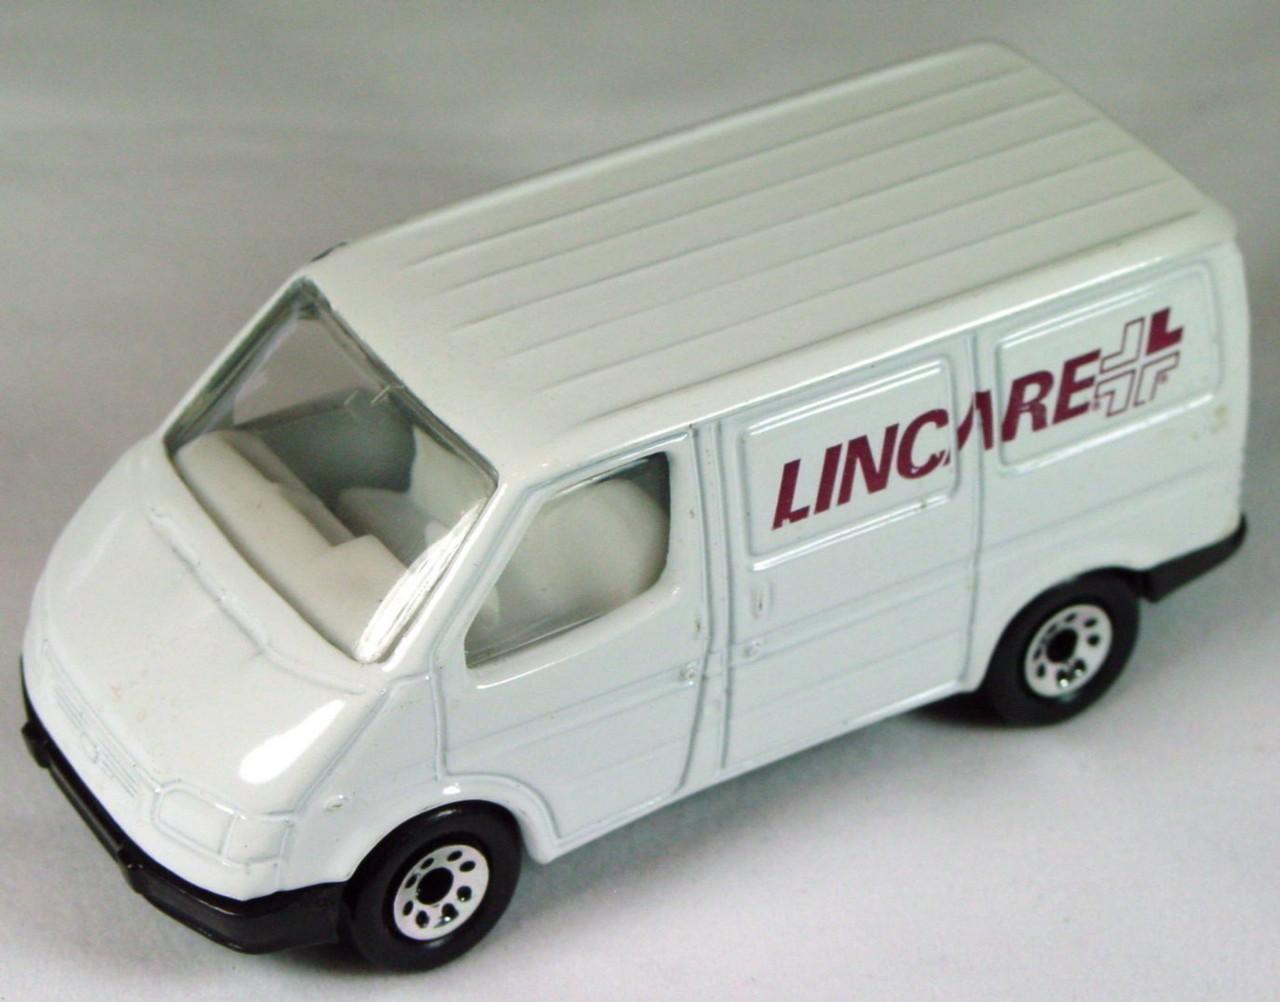 ASAP-CCI 15 K 62 - Ford Transit Van White Lincare ASAP